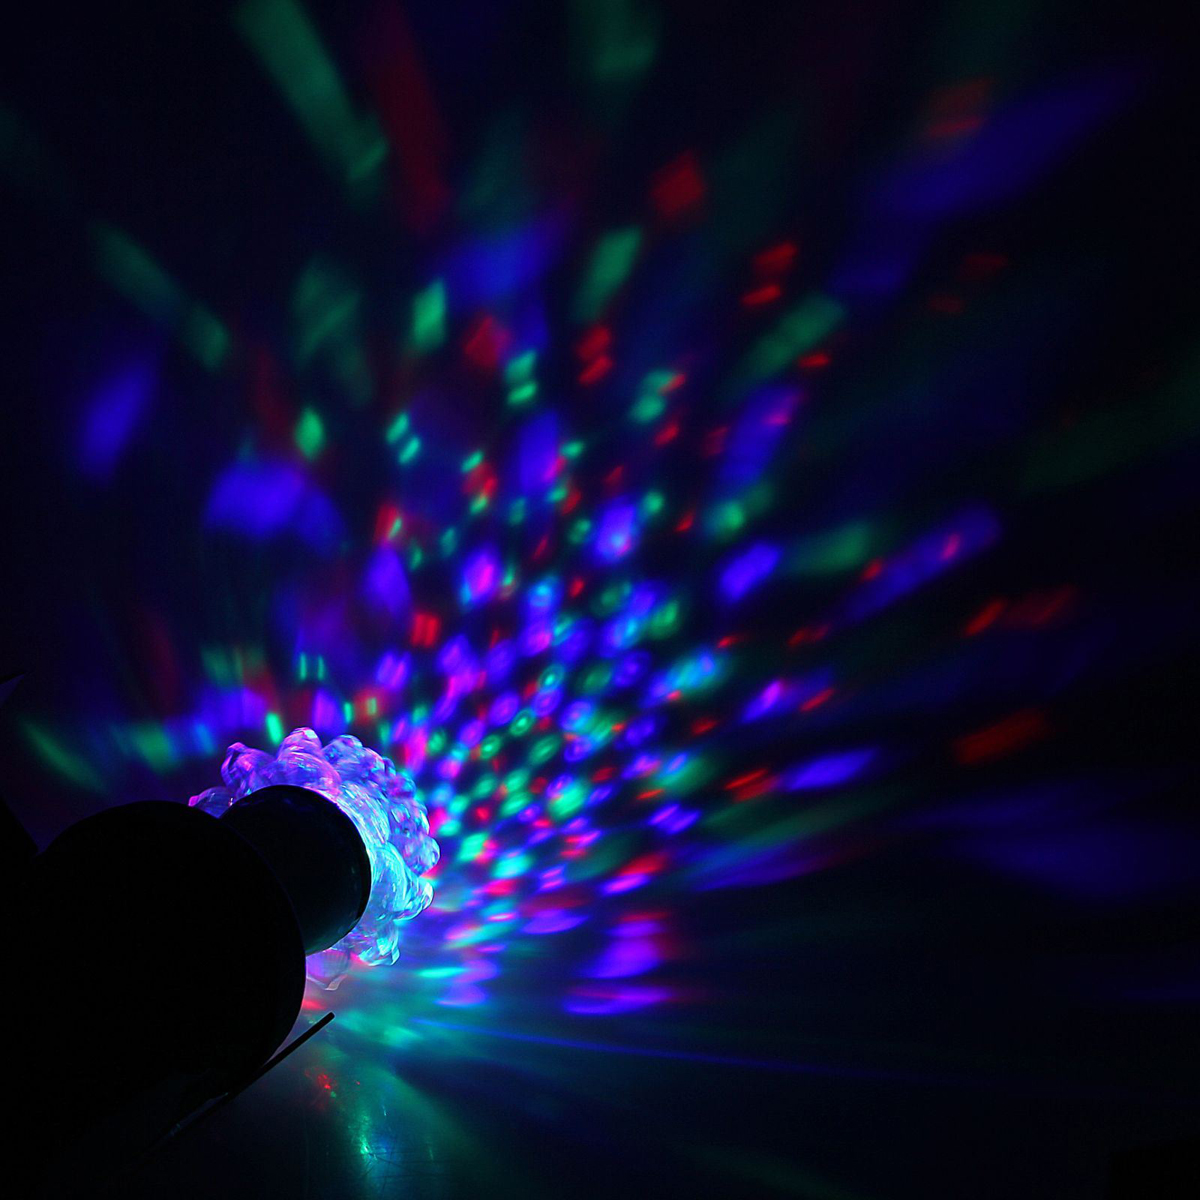 Лампа-проектор Luazon Хрустальный цветок, диаметр 12,5 см, эффект зеркального шара, Е27, V220 RGB1077510Светодиодные гирлянды, ленты и т.д — это отличный вариант для новогоднего оформления интерьера или фасада. С их помощью помещение любого размера можно превратить в праздничный зал, а внешние элементы зданий, украшенные ими, мгновенно станут напоминать очертания сказочного дворца. Такие украшения создают ауру предвкушения чуда. Деревья, фасады, витрины, окна и арки будто специально созданы, чтобы вы украсили их светящимися нитями.